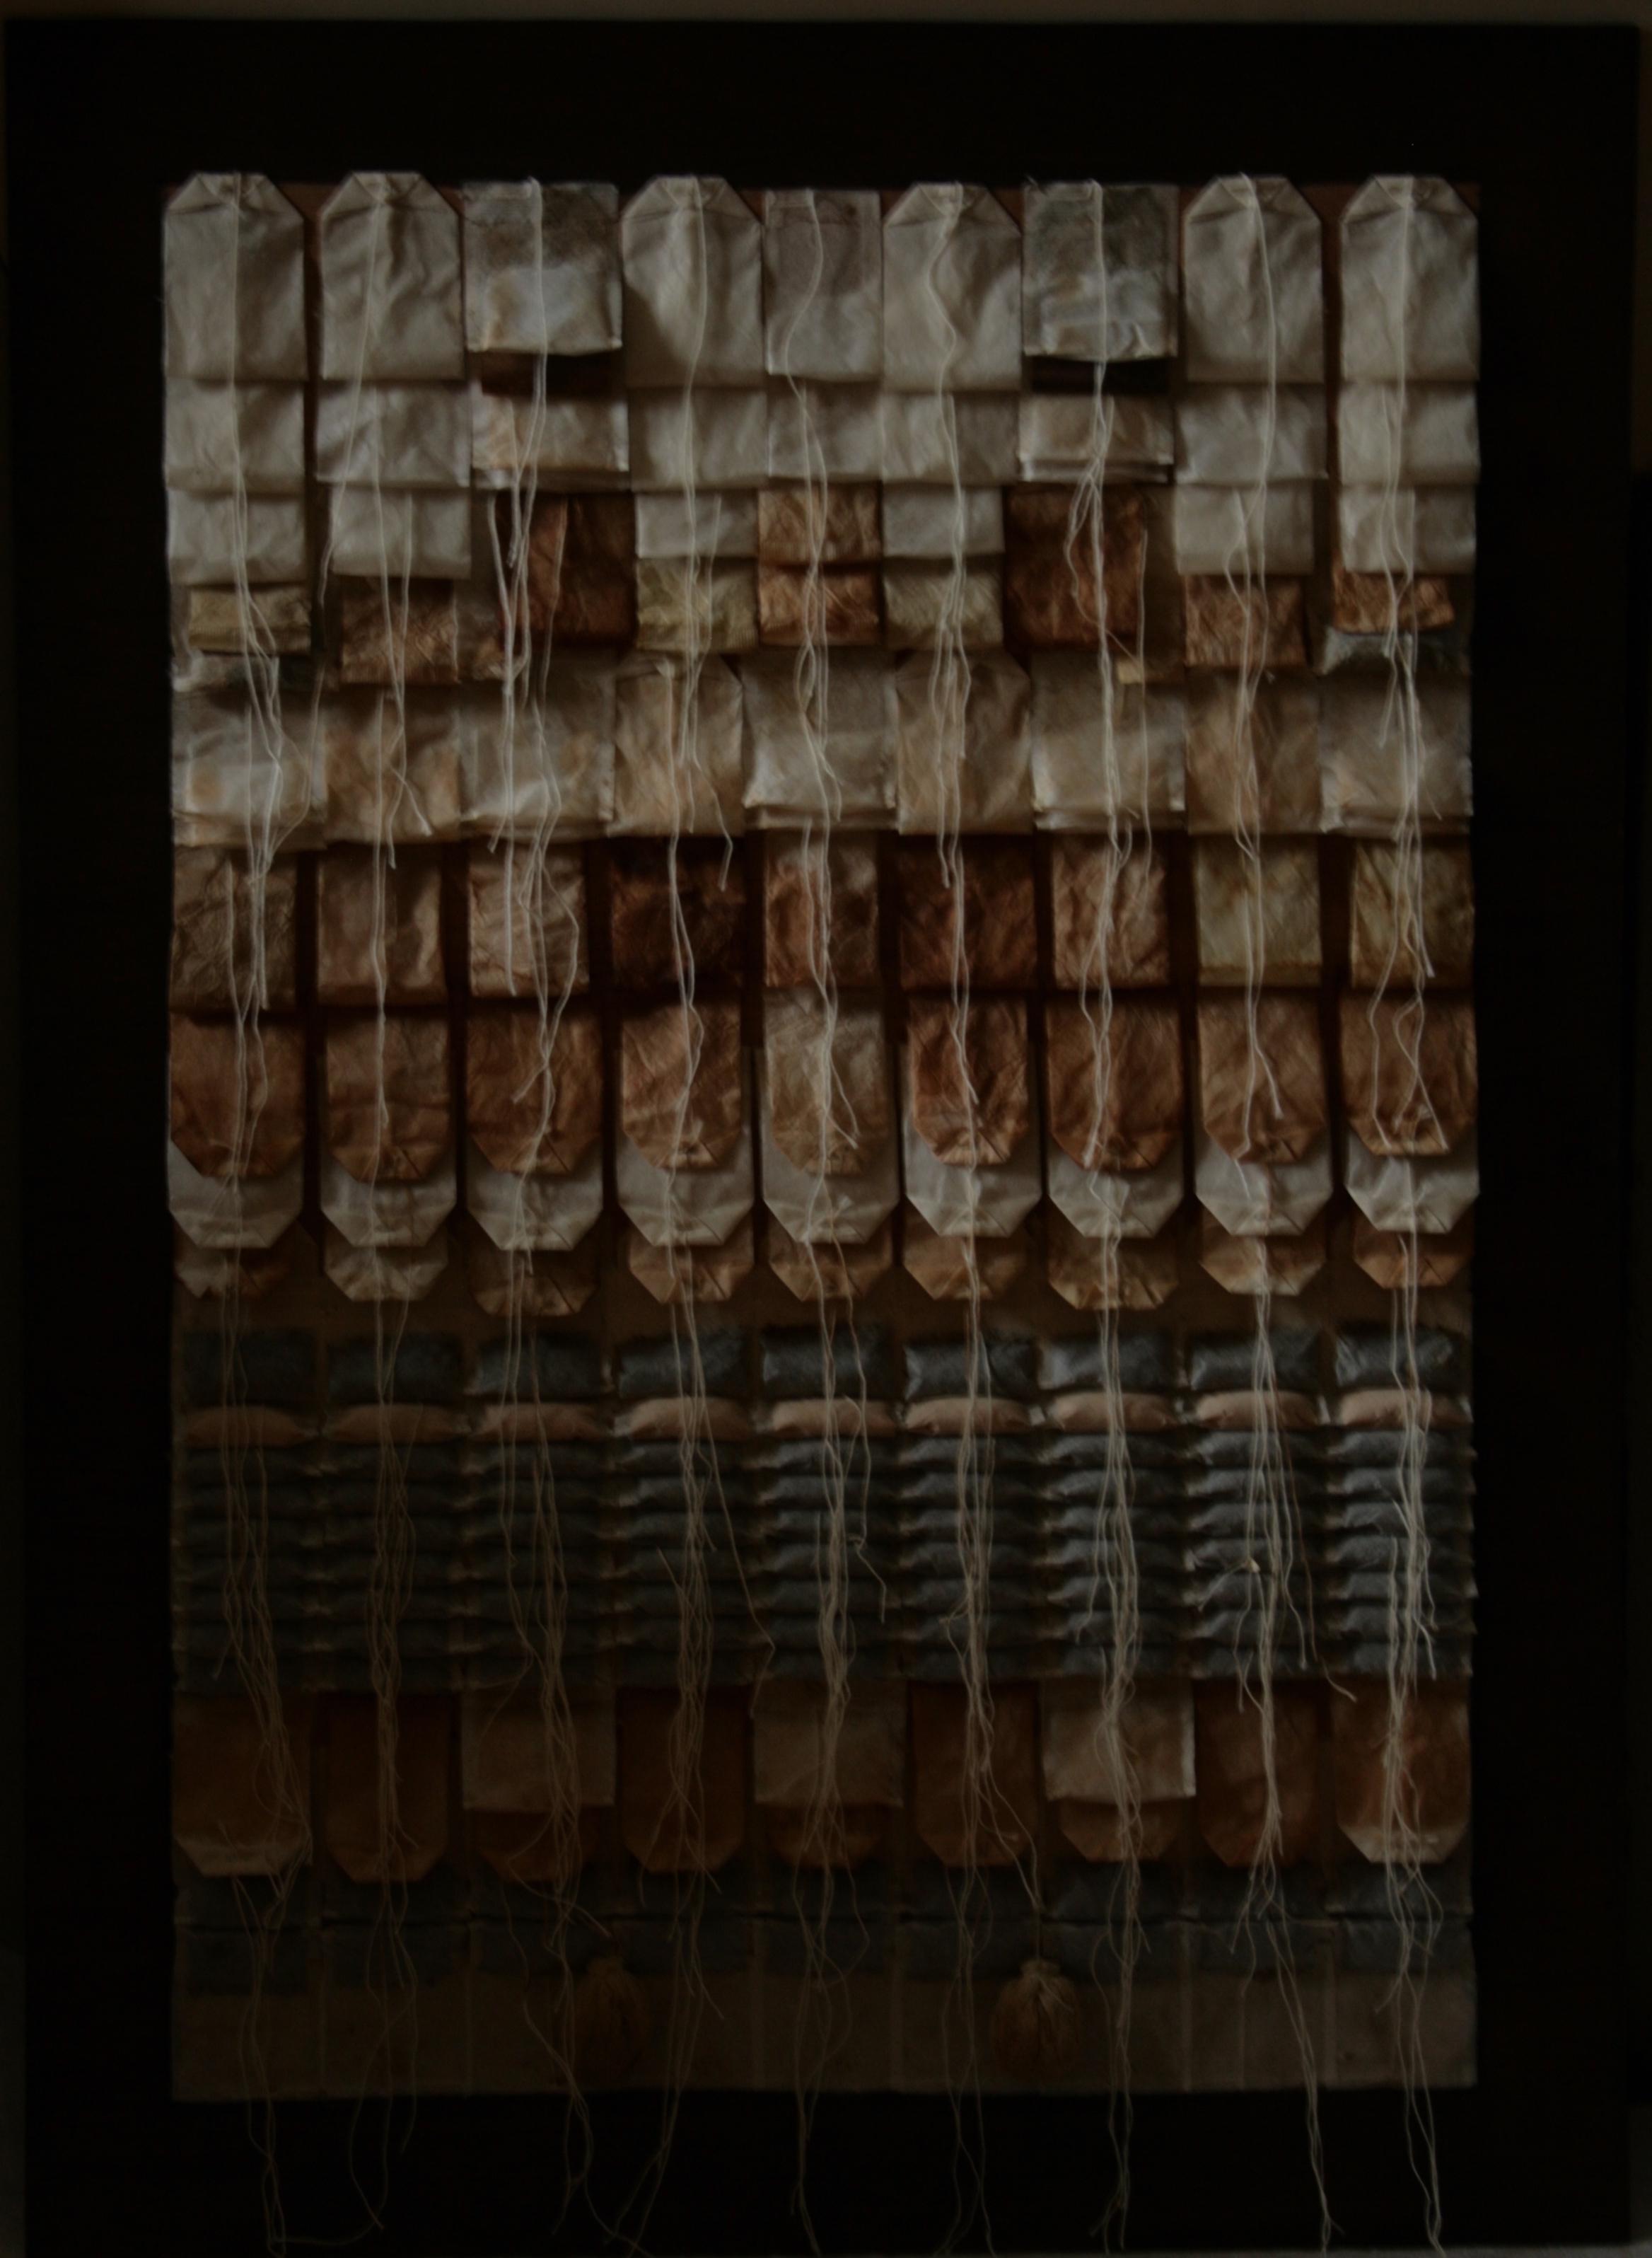 SACHETS DE THÉ - Armèn Rotch (2008) - Sachets de thé assemblés et collés sur un fond en bois peint.